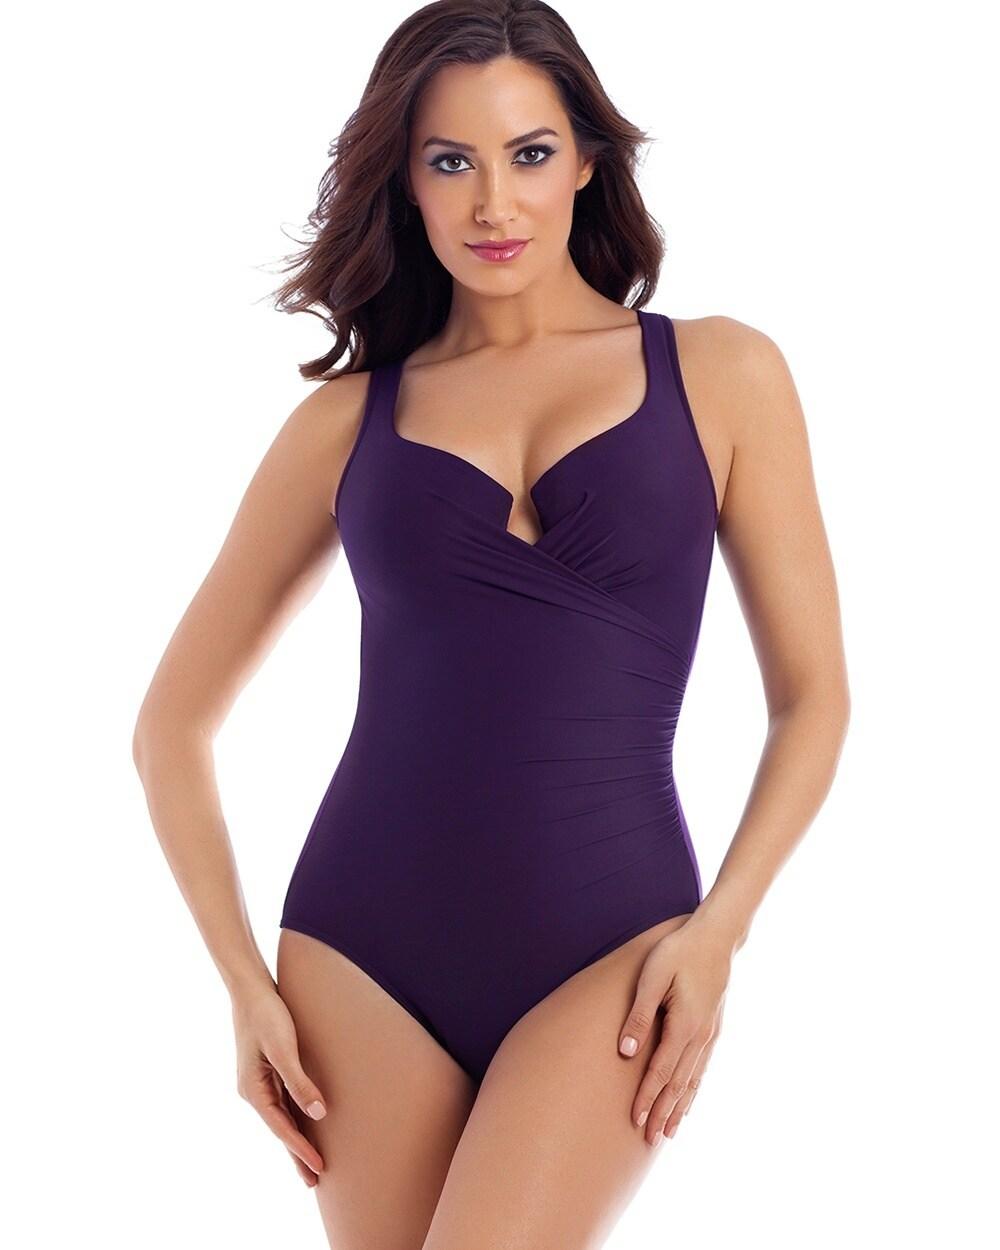 904d018b470 Escape One Piece Swimsuit Plum - Soma